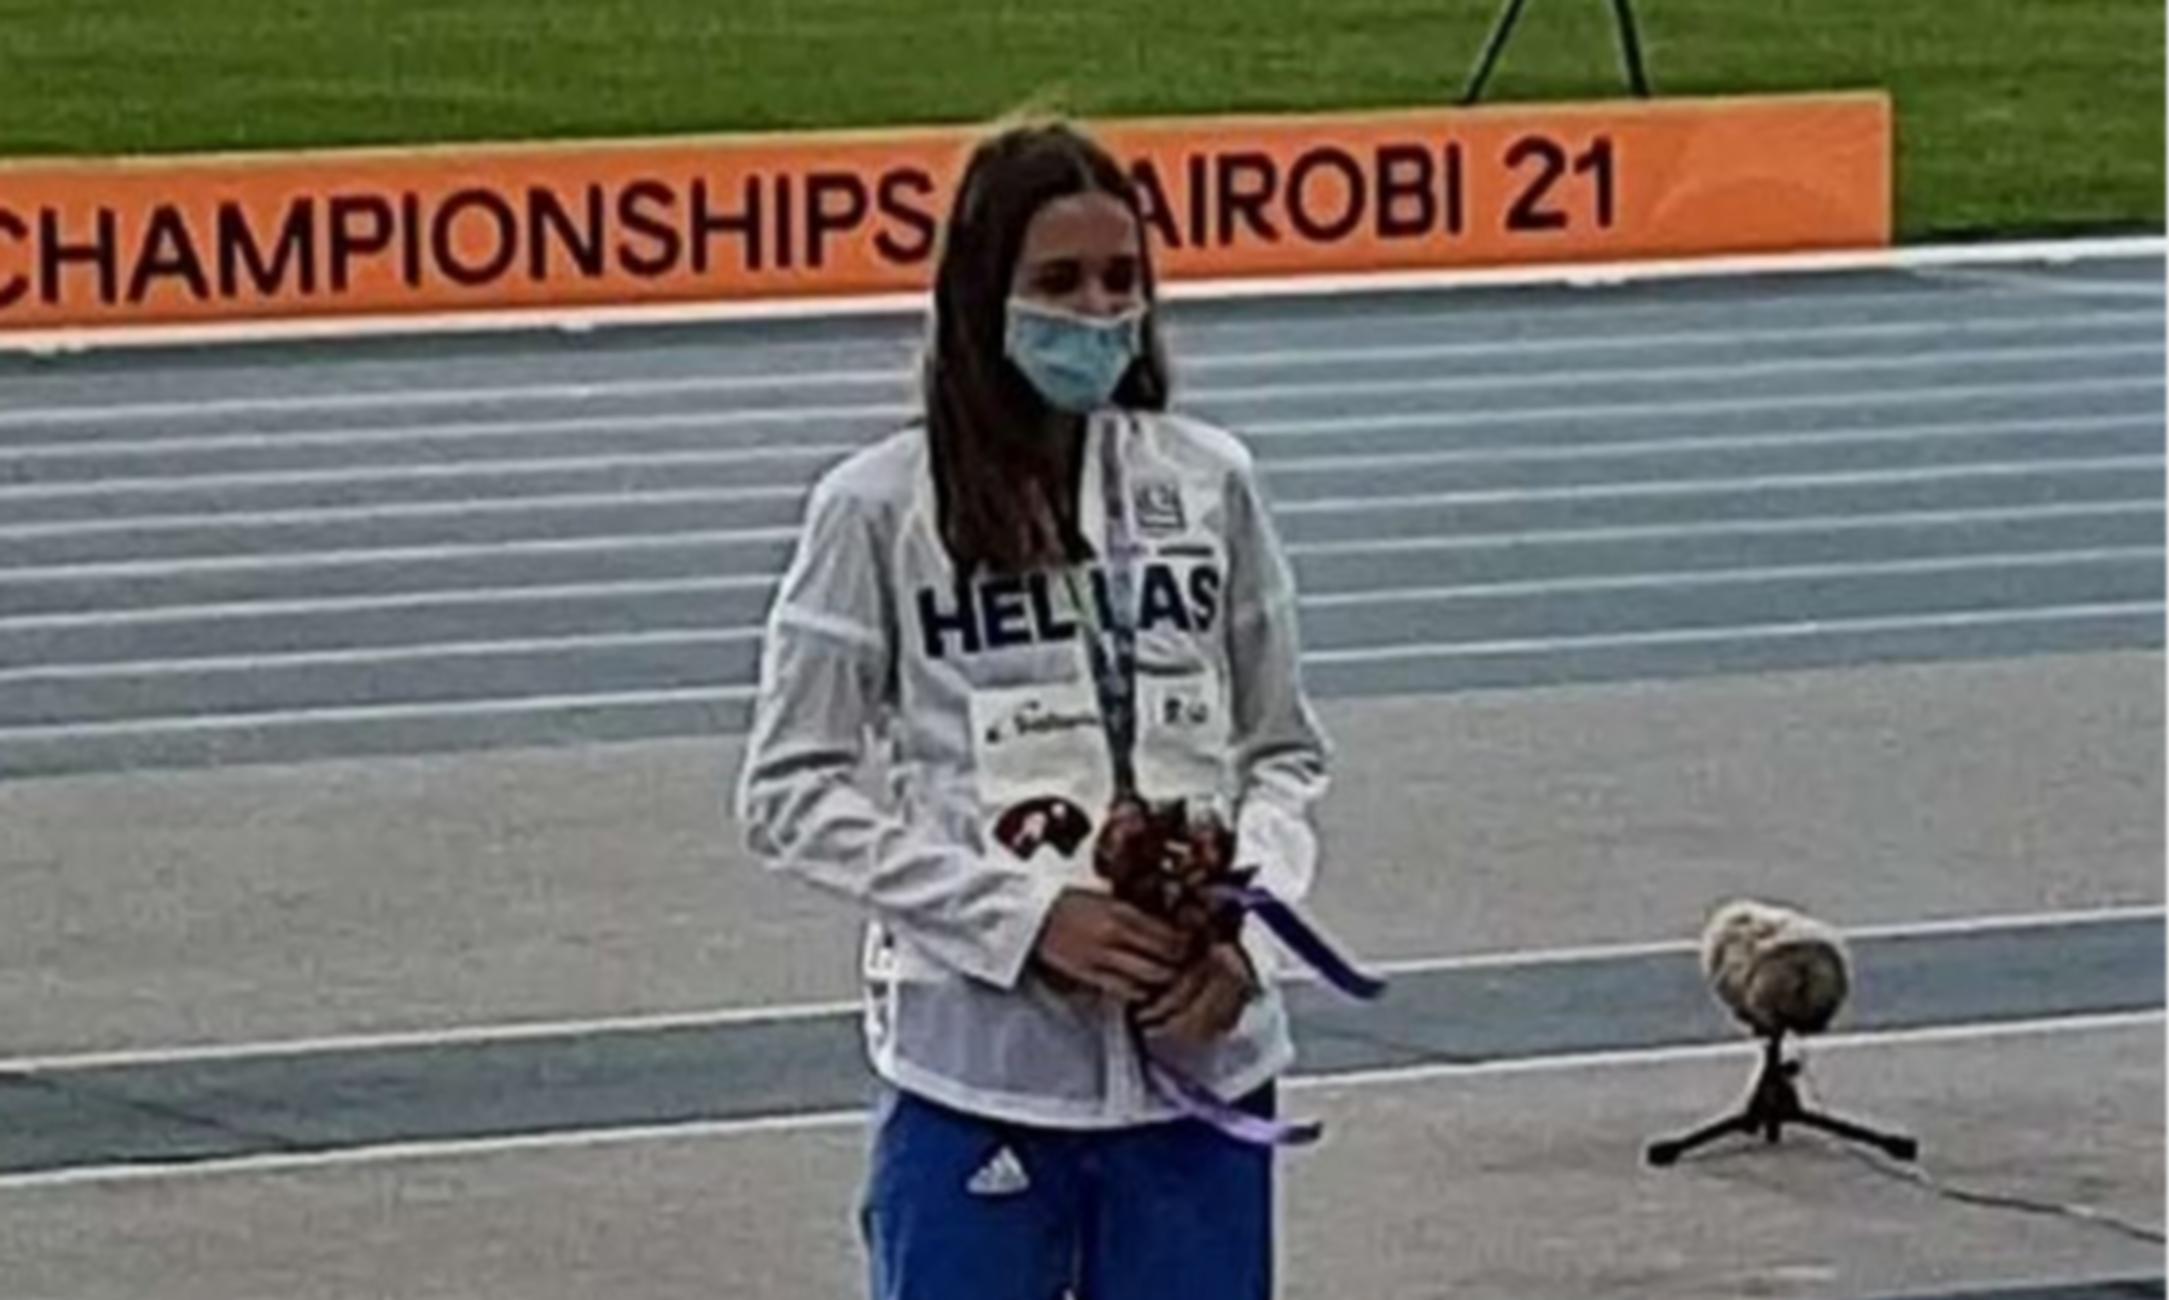 Παγκόσμιο Πρωτάθλημα Κ20: Χάλκινο μετάλλιο για την Δεληγιάννη με φοβερό φίνις στα 800 μέτρα